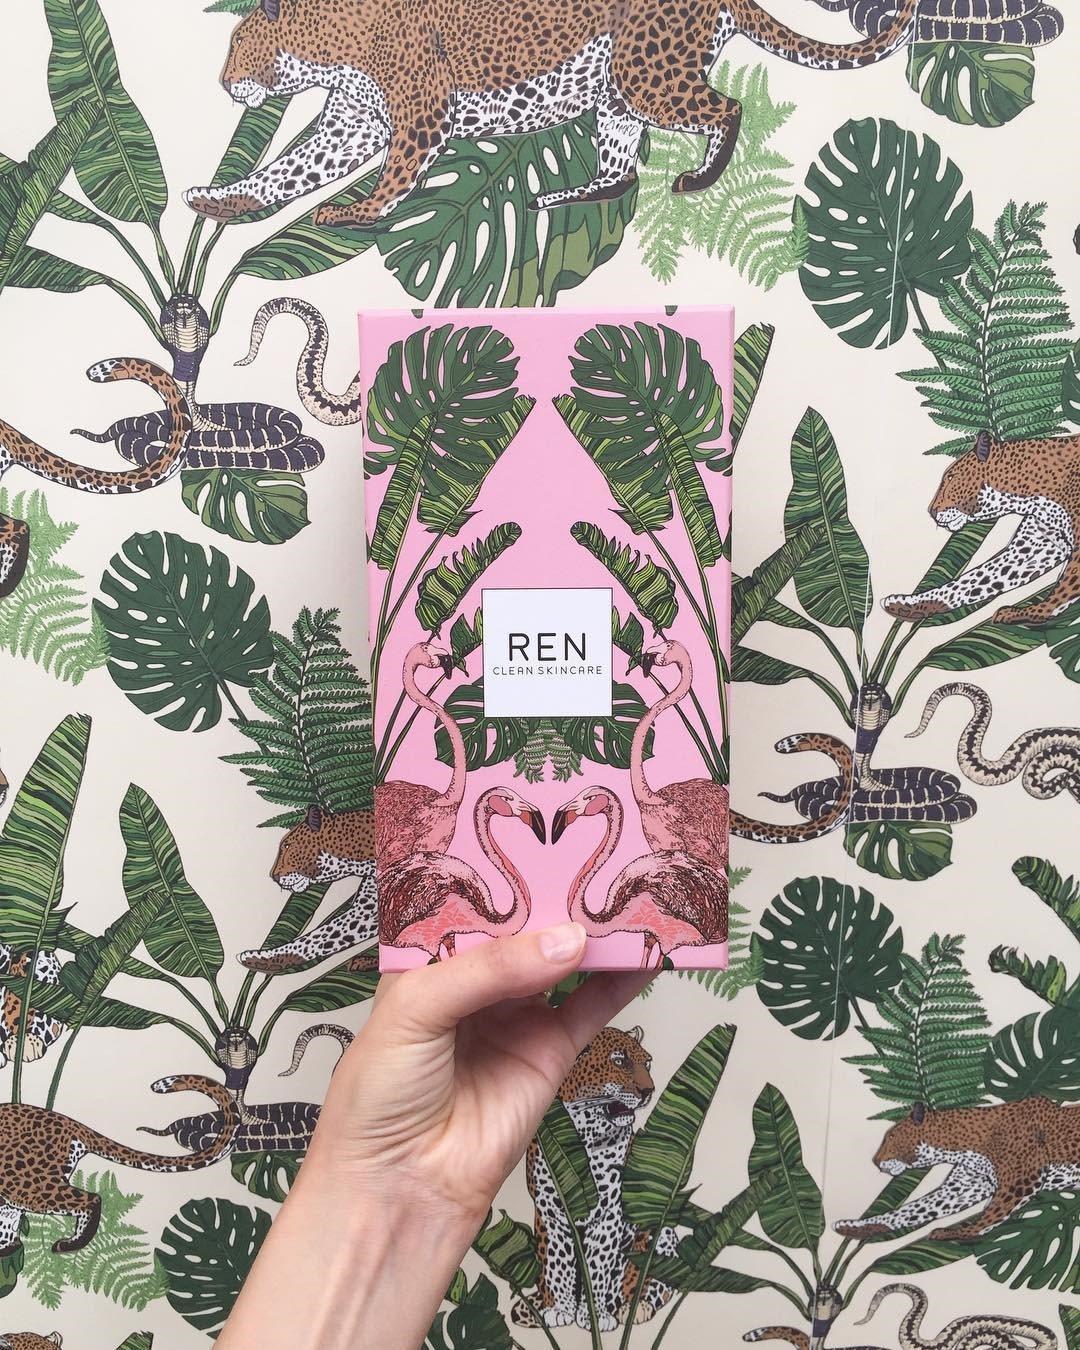 REN耶誕摩洛哥玫瑰身體呵護組,售價1,850元。圖/10/10 HOPE提供